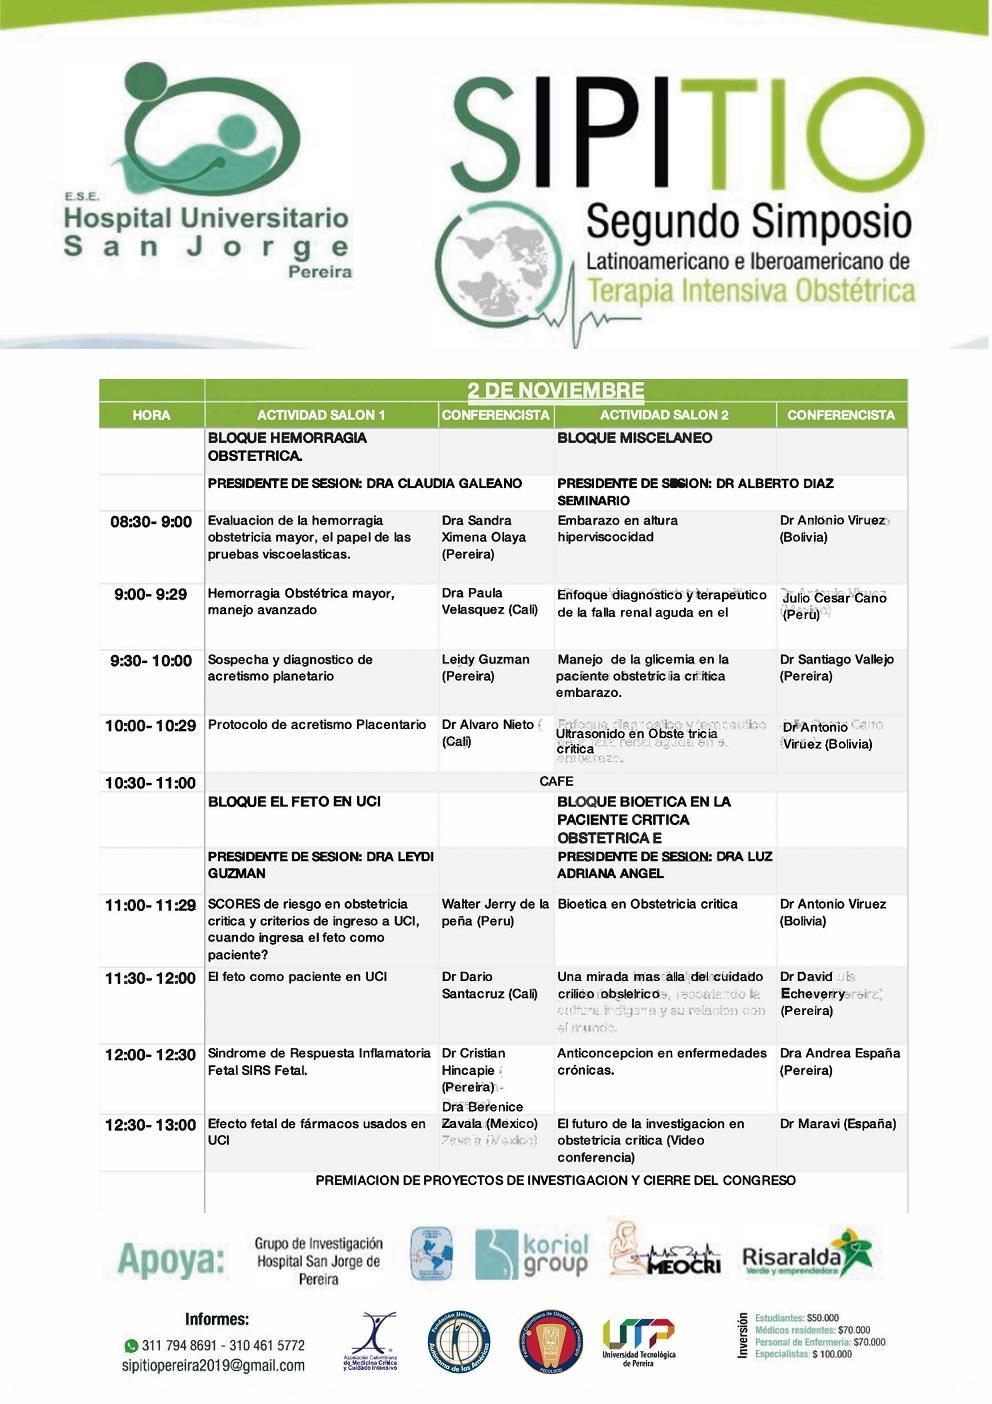 PROGRAMA SIPITIO PRESENTACION_page-0003